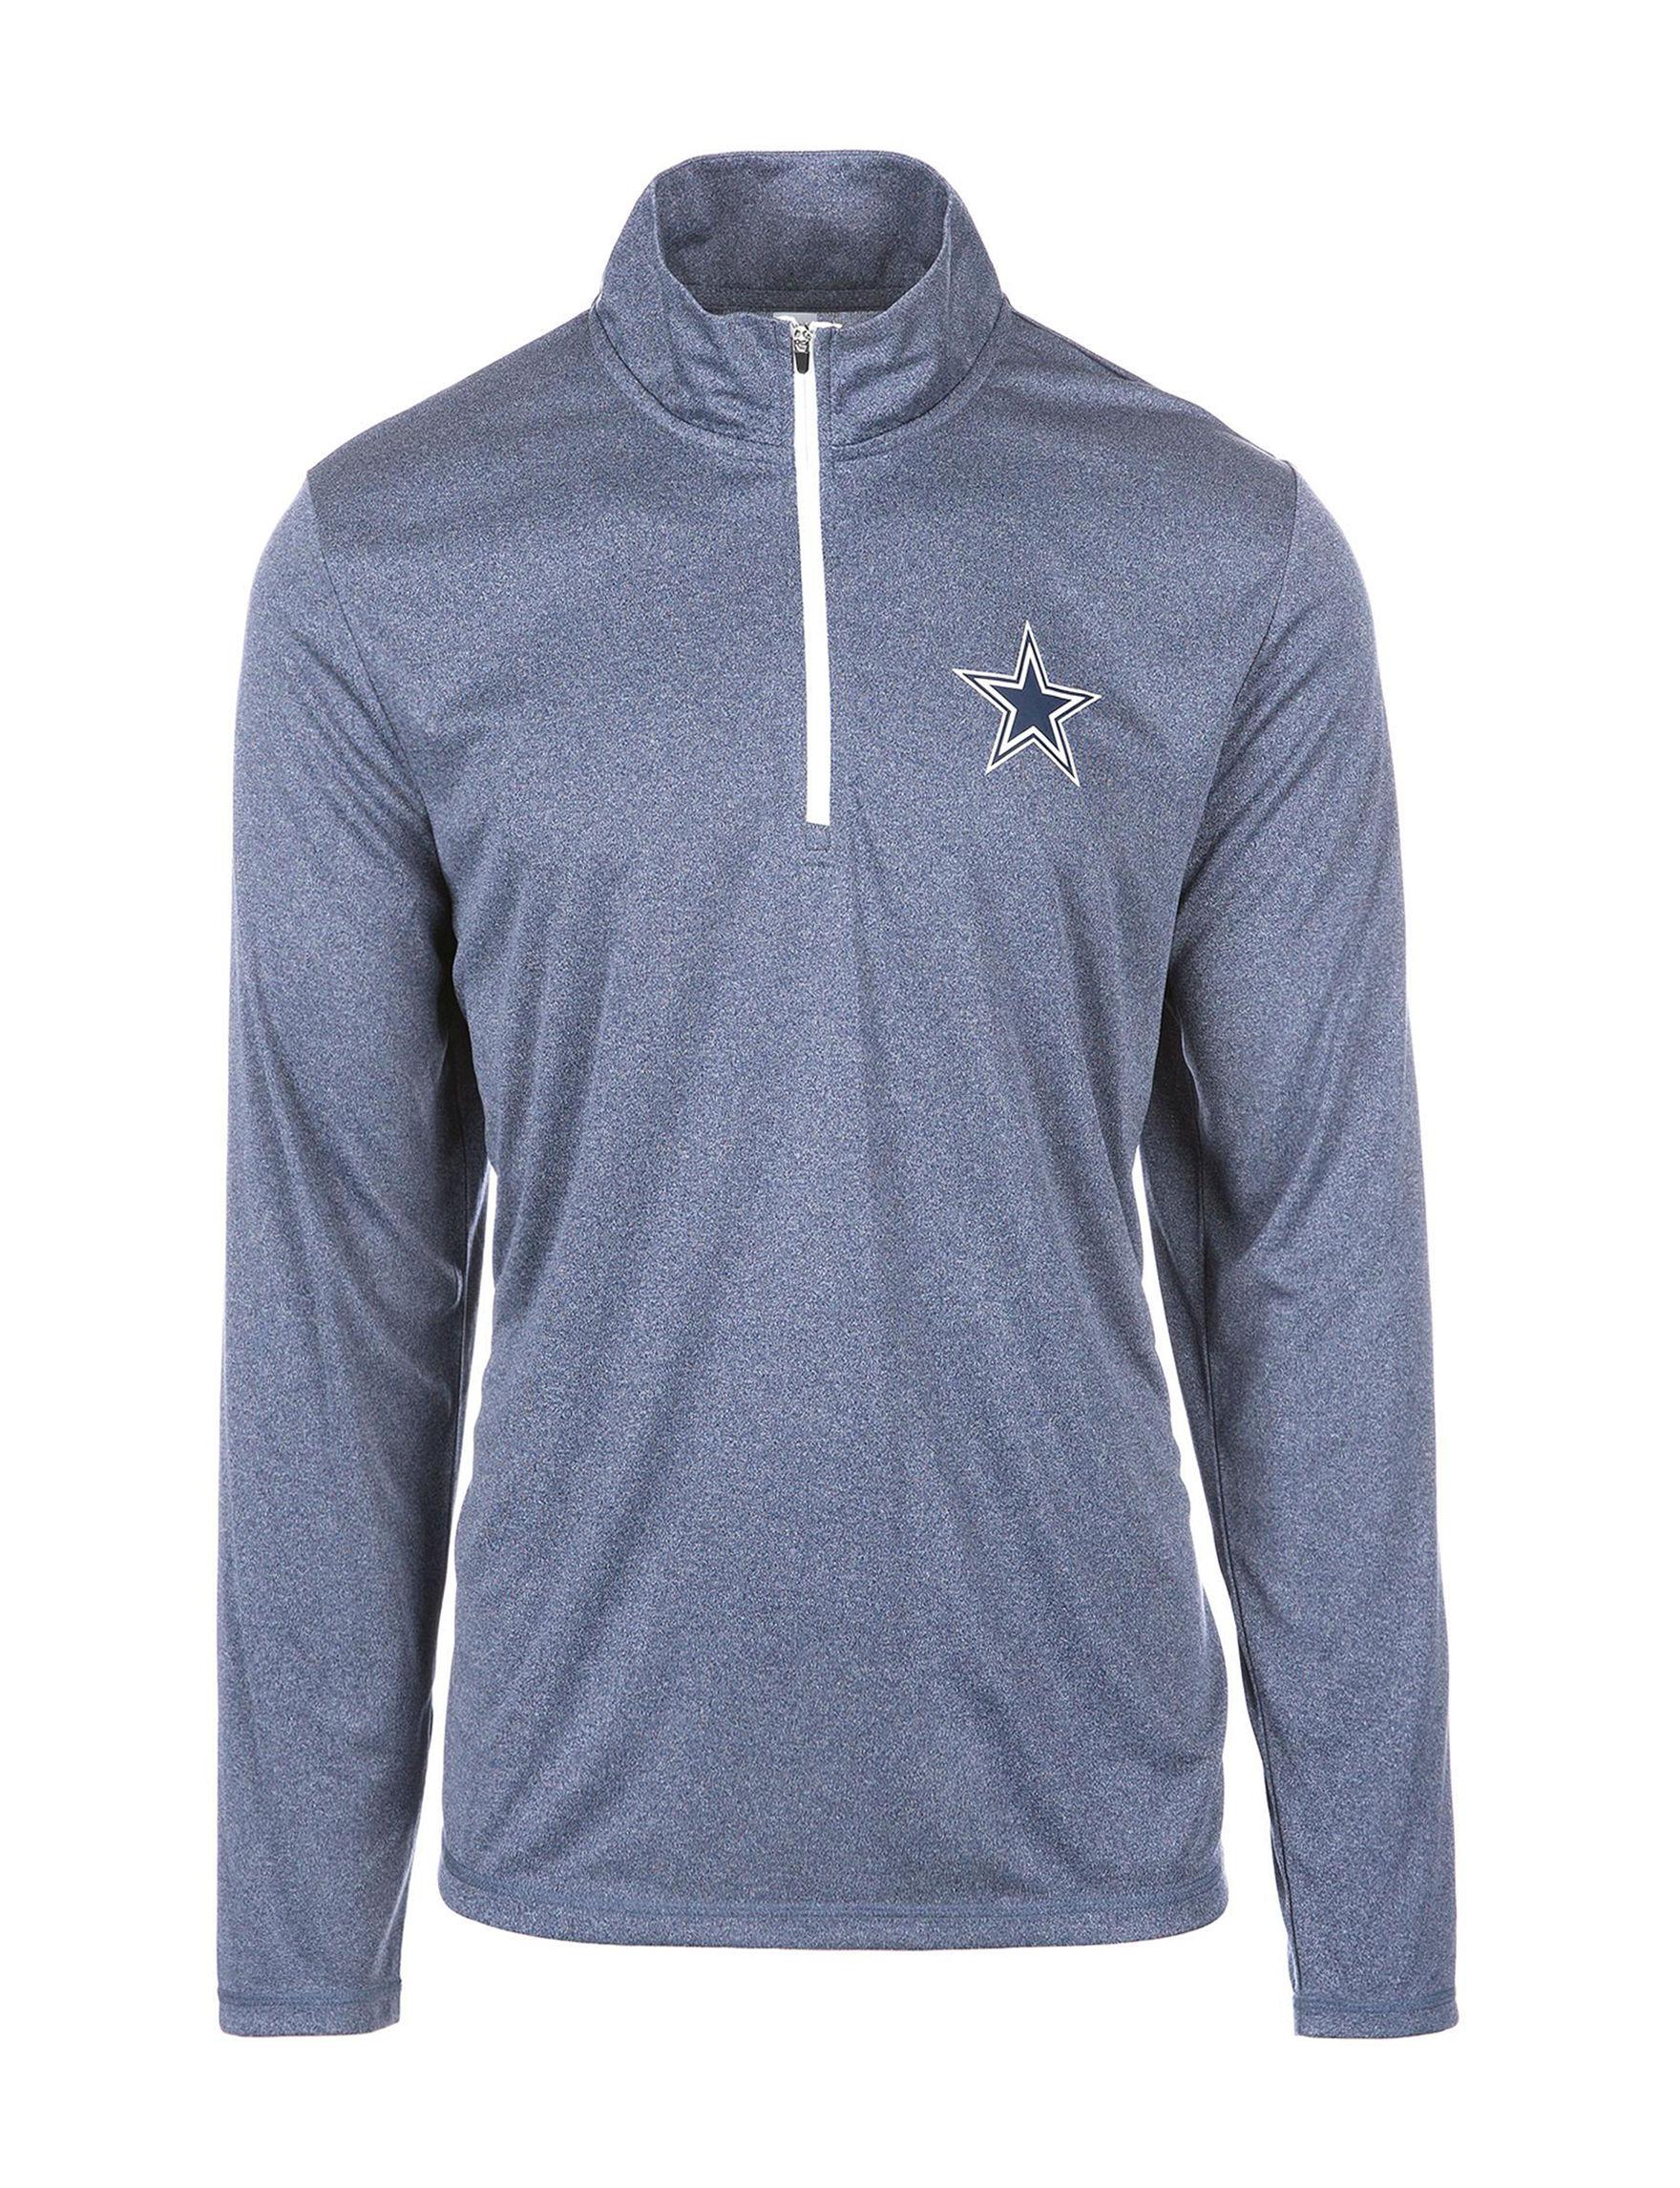 ad8f90eda3d2e Dallas Cowboys Arnie Fleece Pullover Shirt